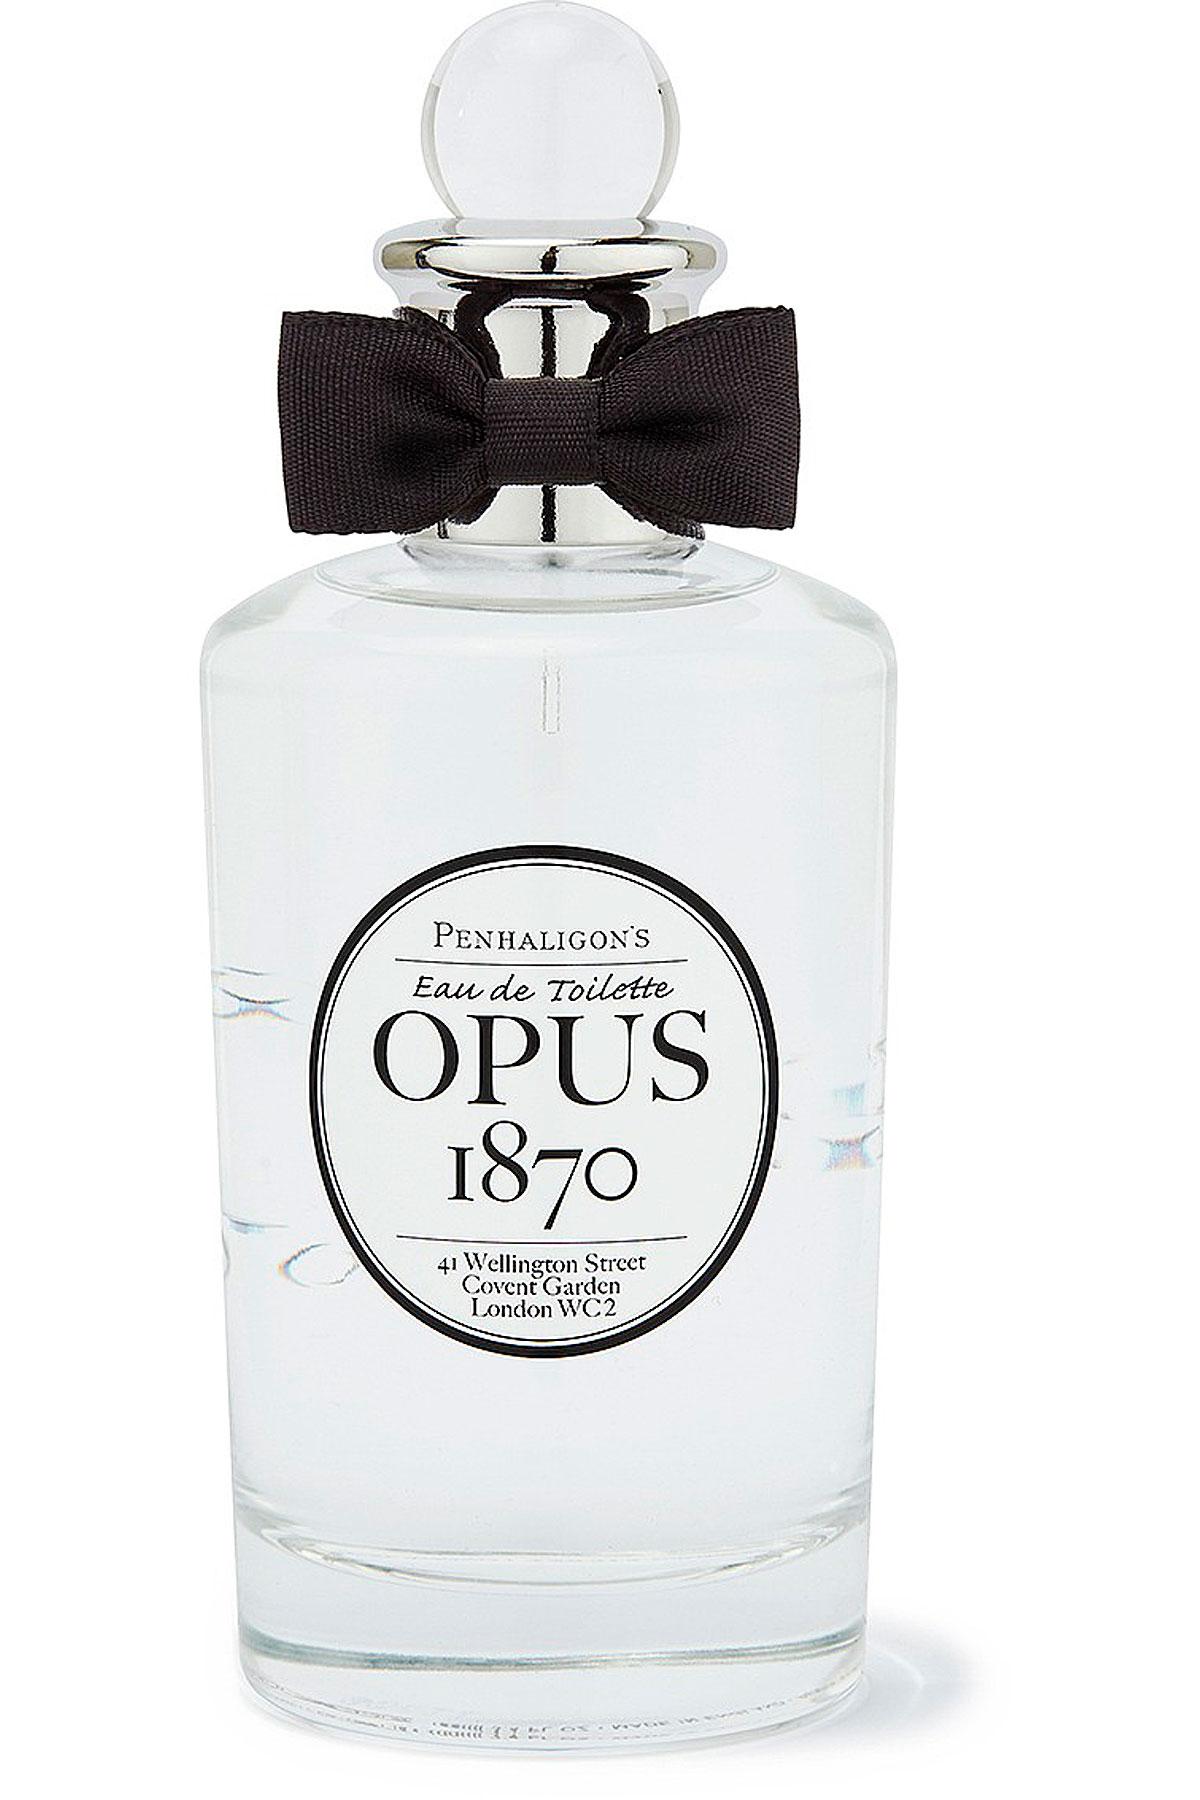 Penhaligon s London Fragrances for Men, Opus 1870 - Eau De Toilette - 50-100 Ml, 2019, 100 ml